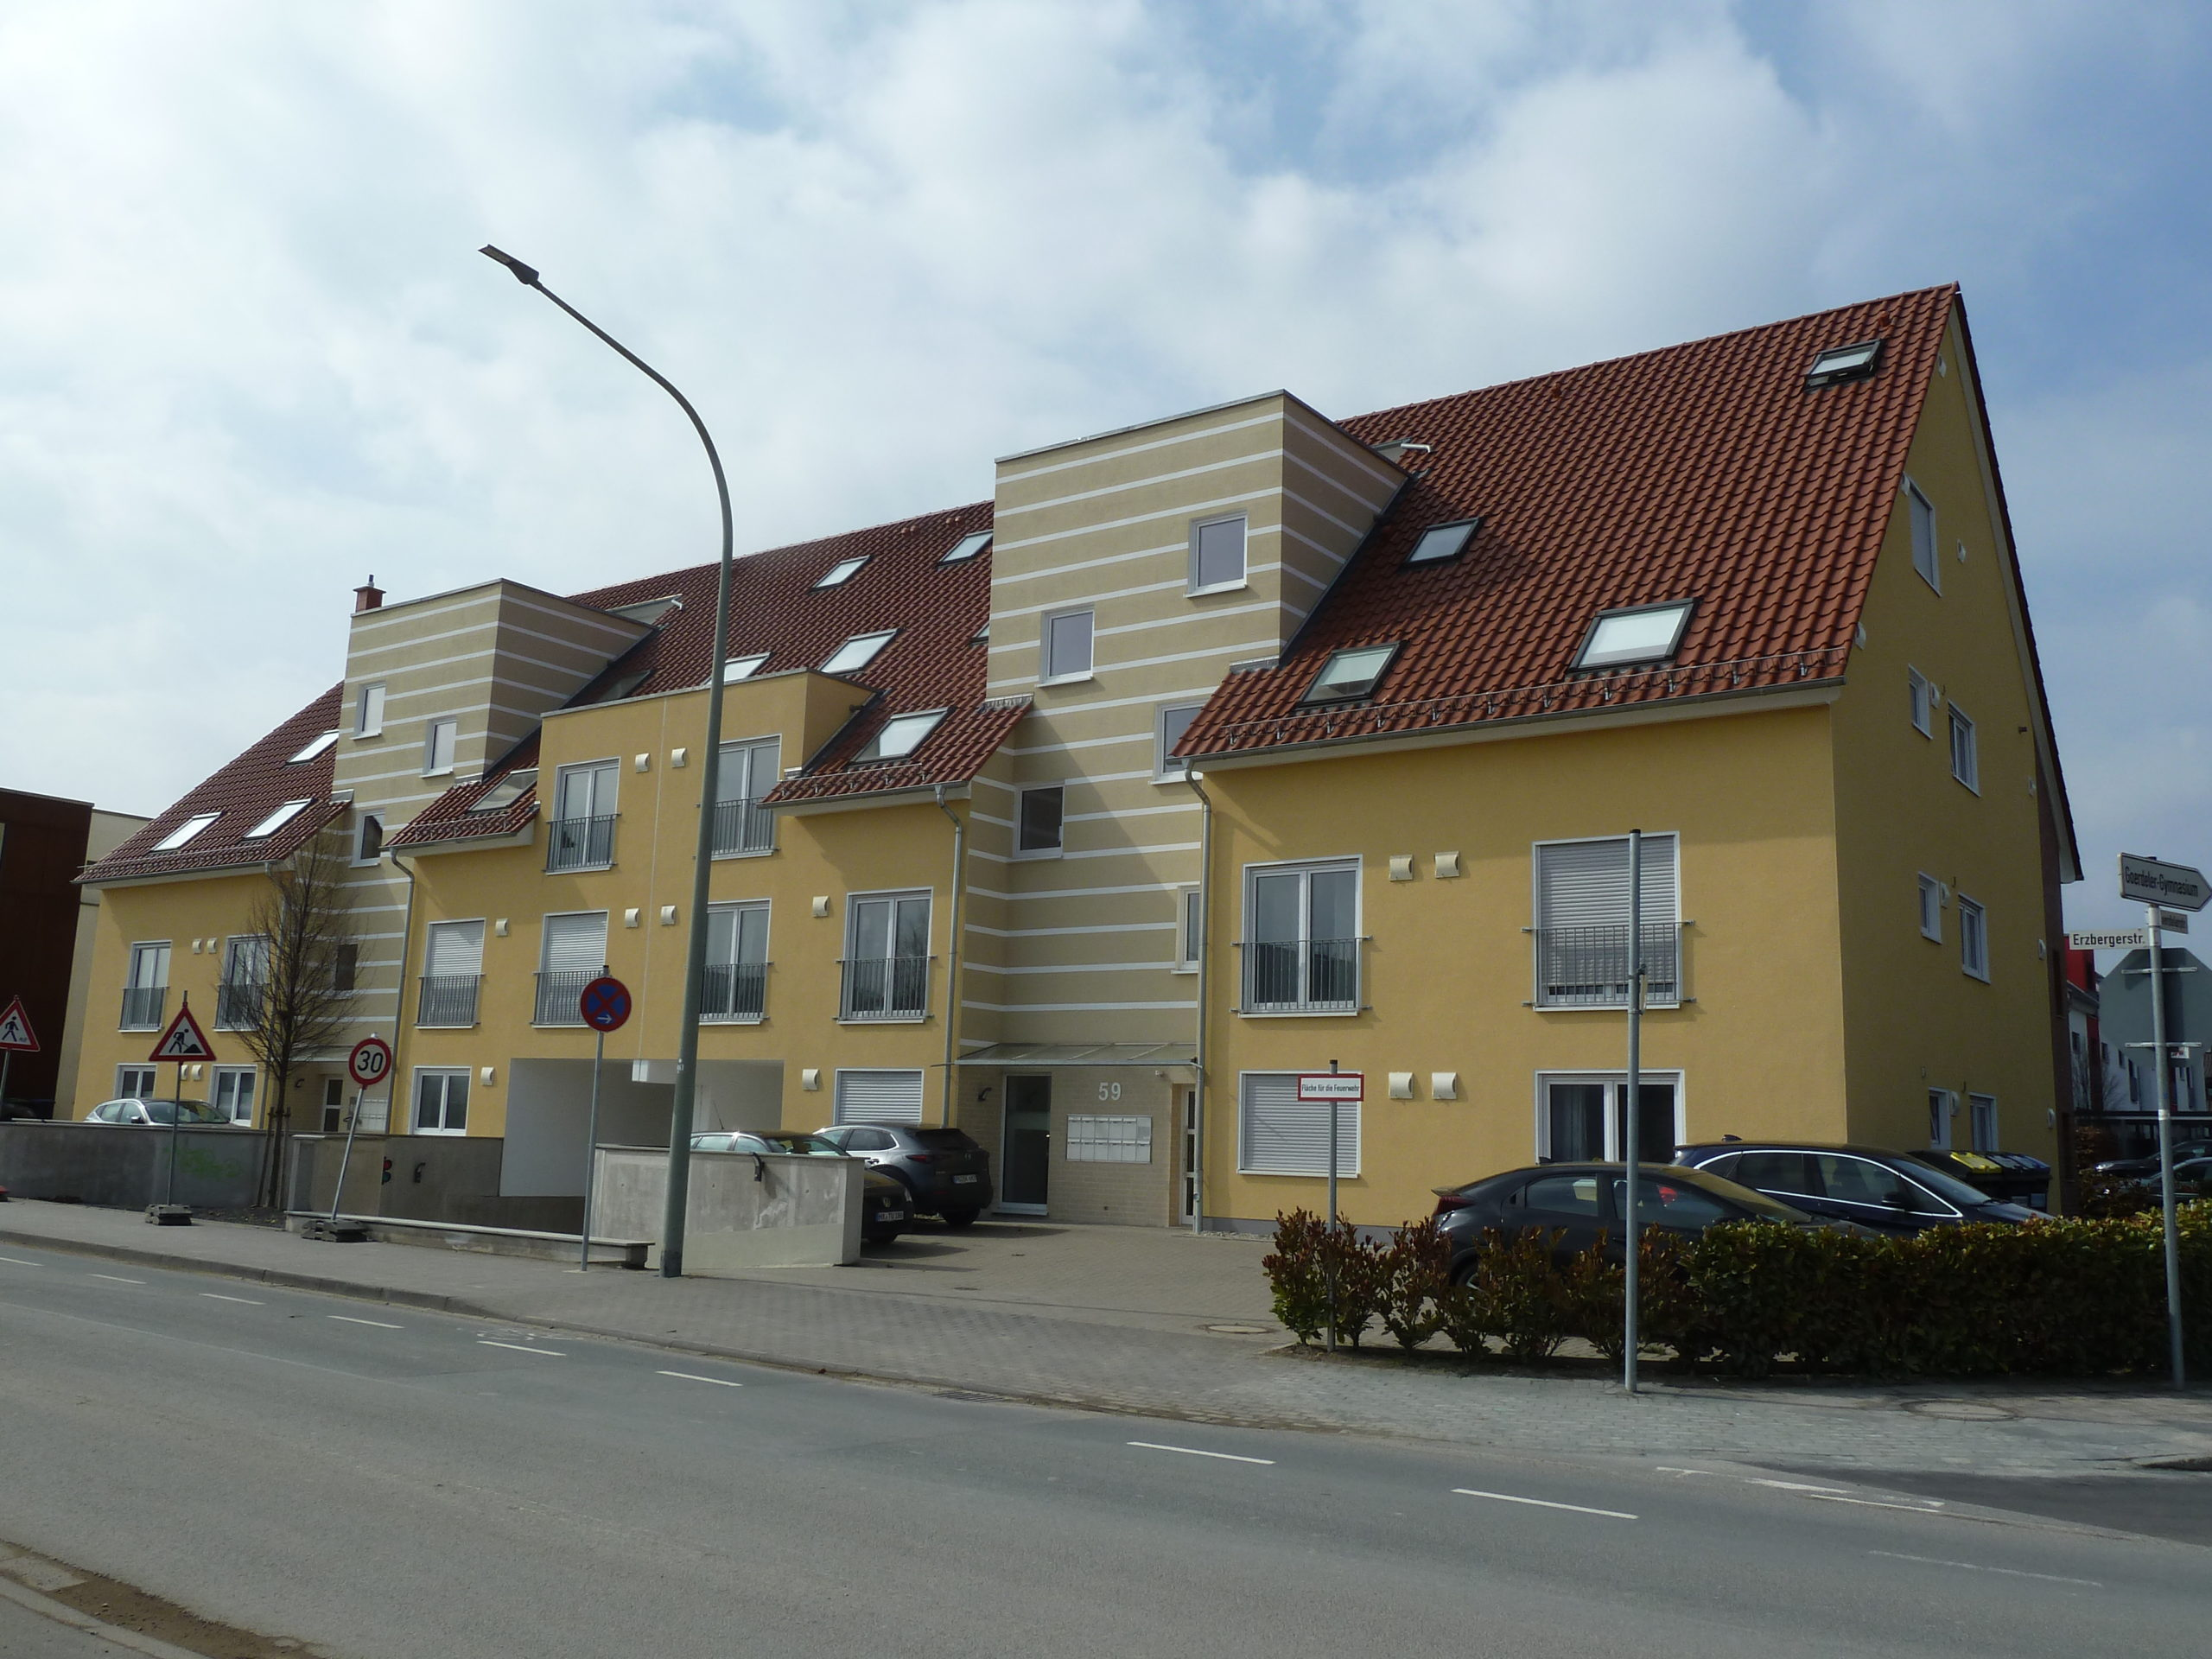 Neubau von 22 Wohneinheiten mit Tiefgarage